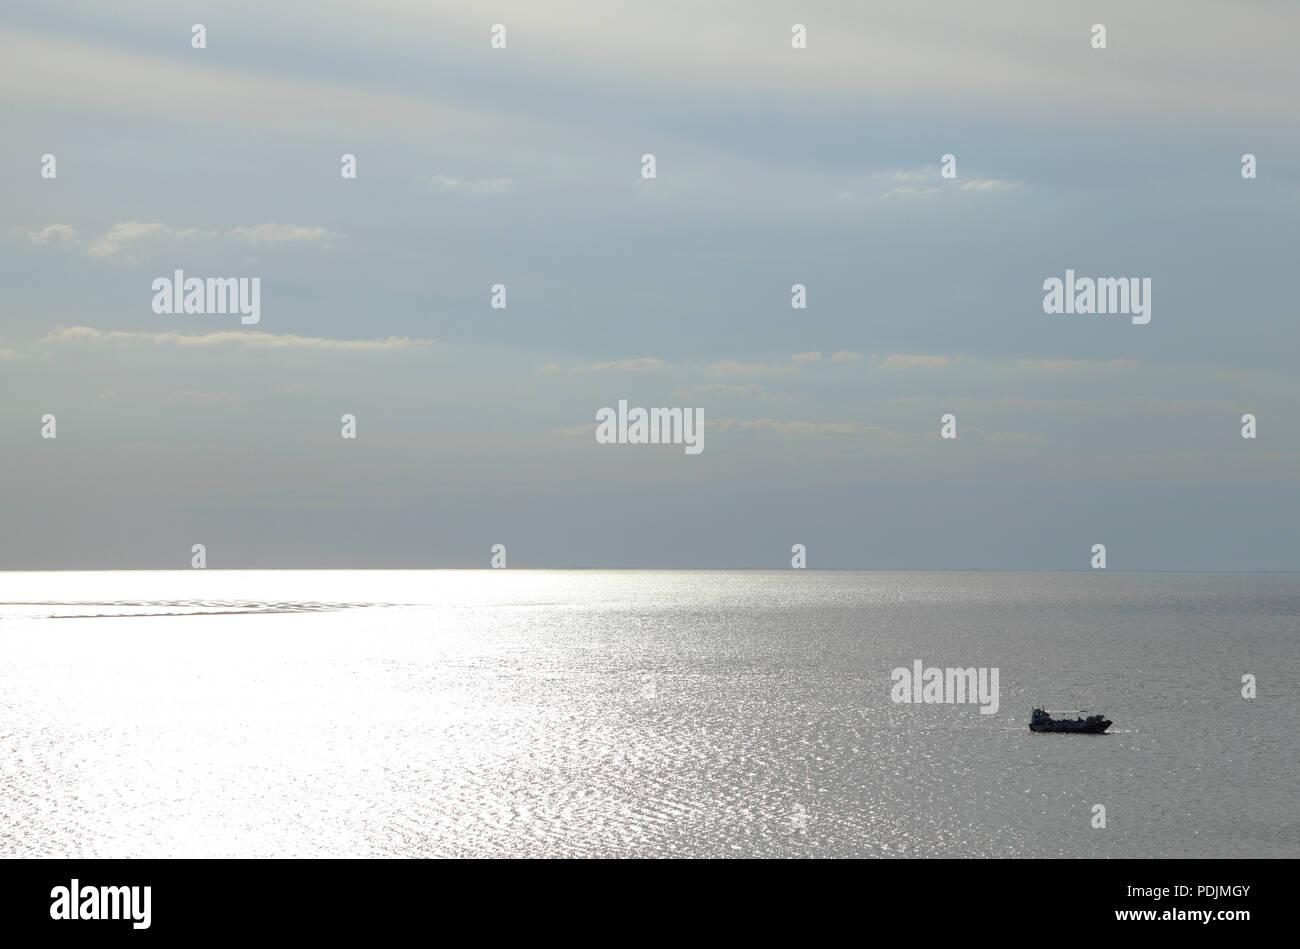 Le wash Monster, sinistre silhouette, amphibie, passager, bateau, croisière, le plaisir de se laver, Hunstanton, lumière du soir, Norfolk, UK Photo Stock